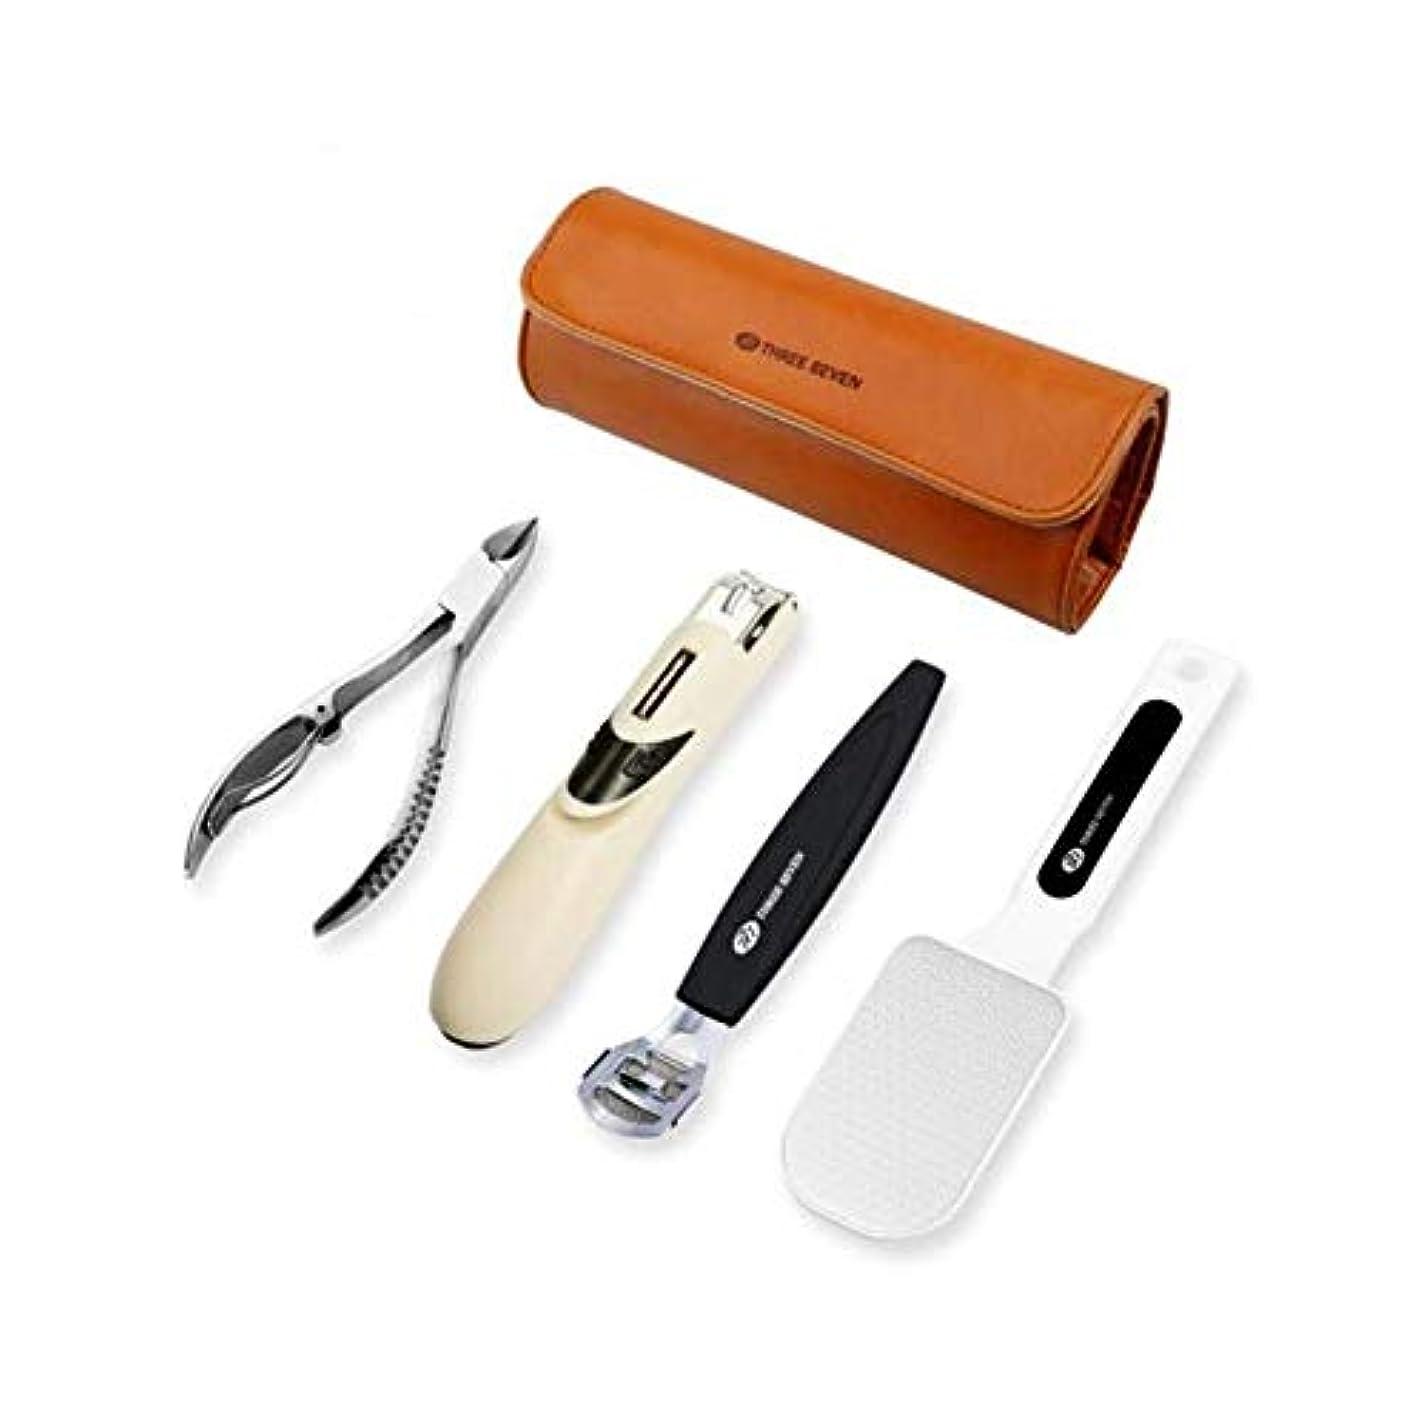 言及するワーディアンケース貧困Qiyuezhuangshi01 足研削盤、足のツールを保護、足の裏を修復、古いデッドスキンを外し、フットストーン、ネイルクリッパー+フットボード+ペディキュアナイフ+ Paronyitisネイルクリッパーセット ,フィンガーフィット設計 (Color : Silver, Size : 16.6*3.7*1.1cm)